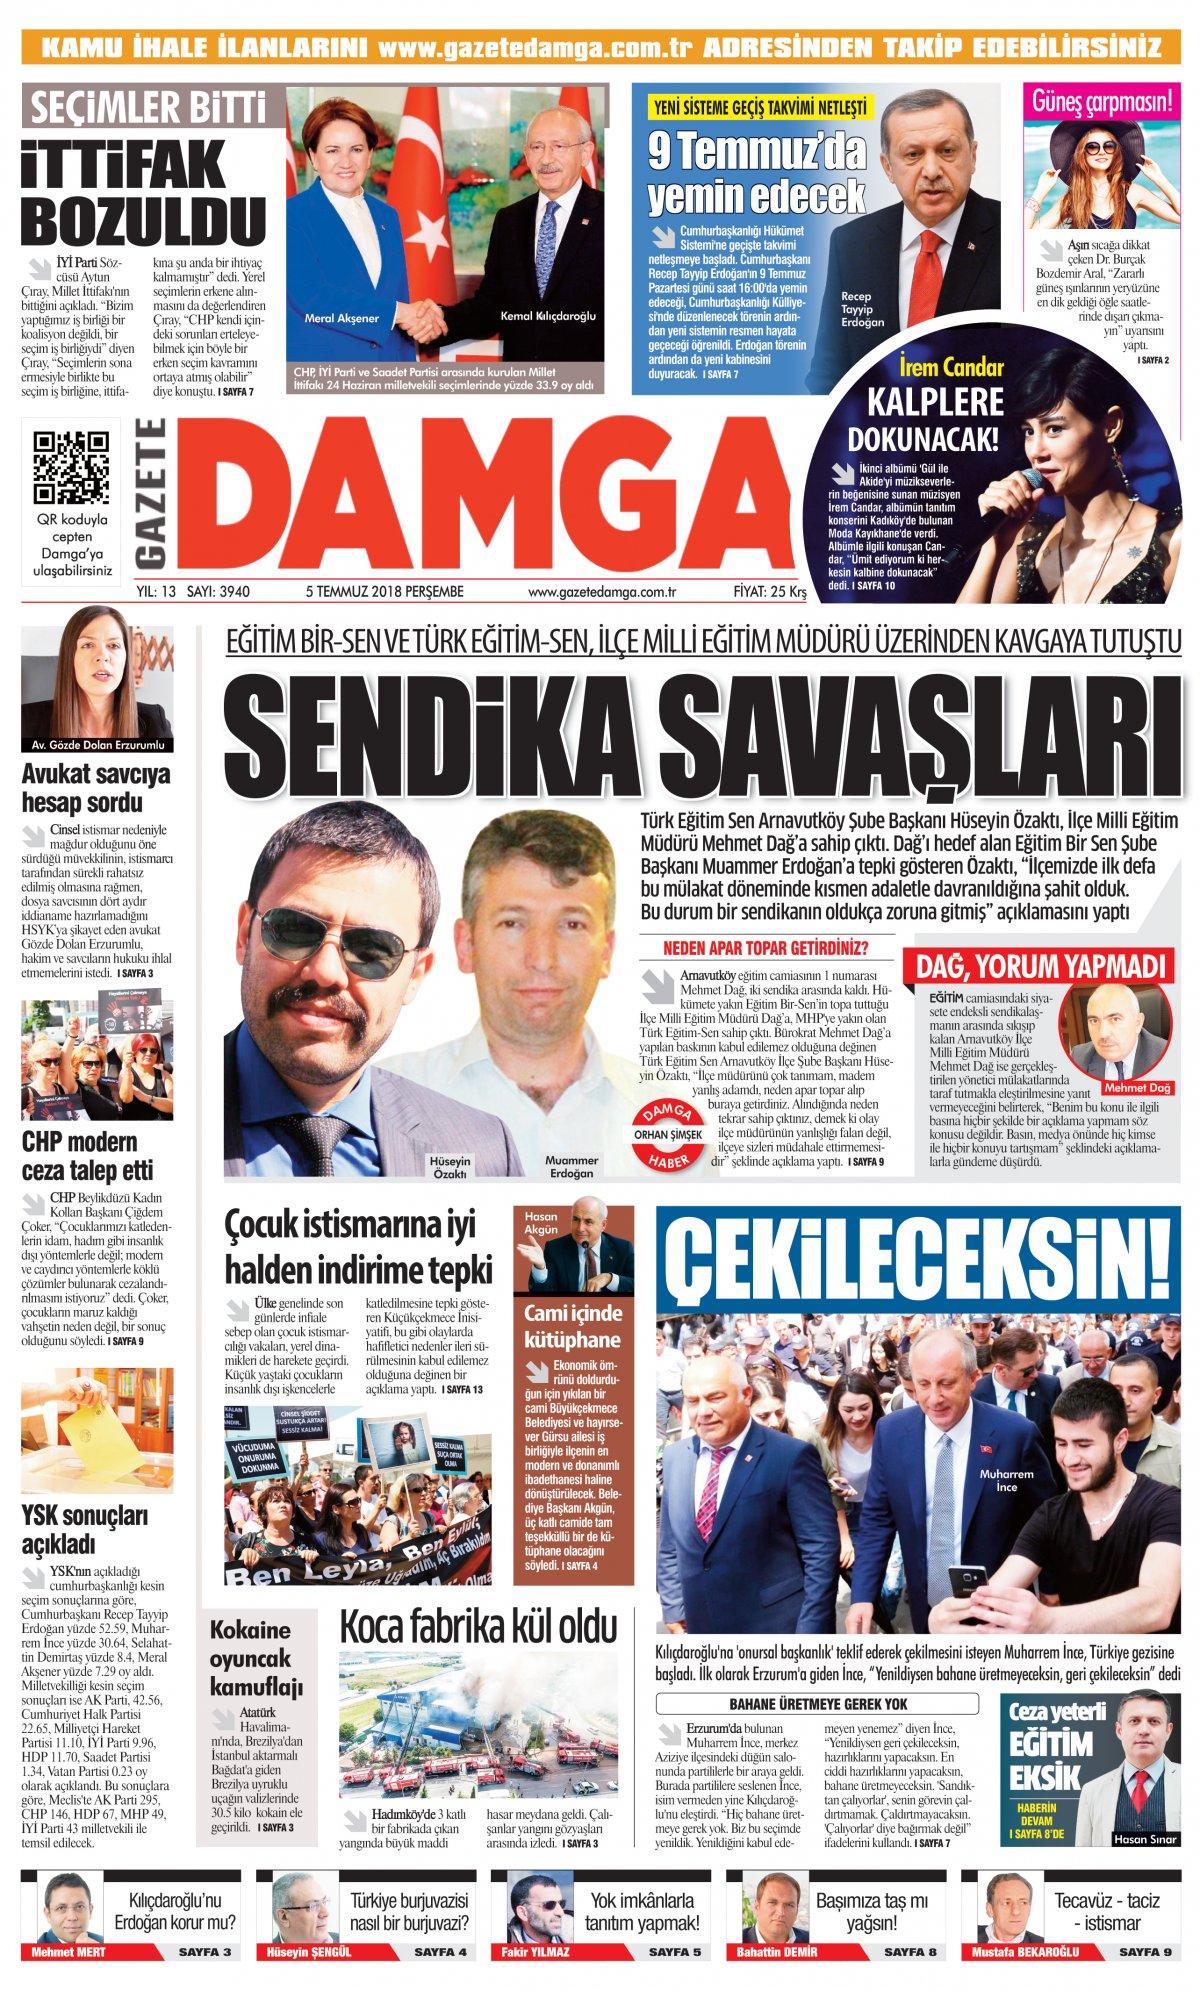 Gazete Damga - 05.07.2018 Manşeti